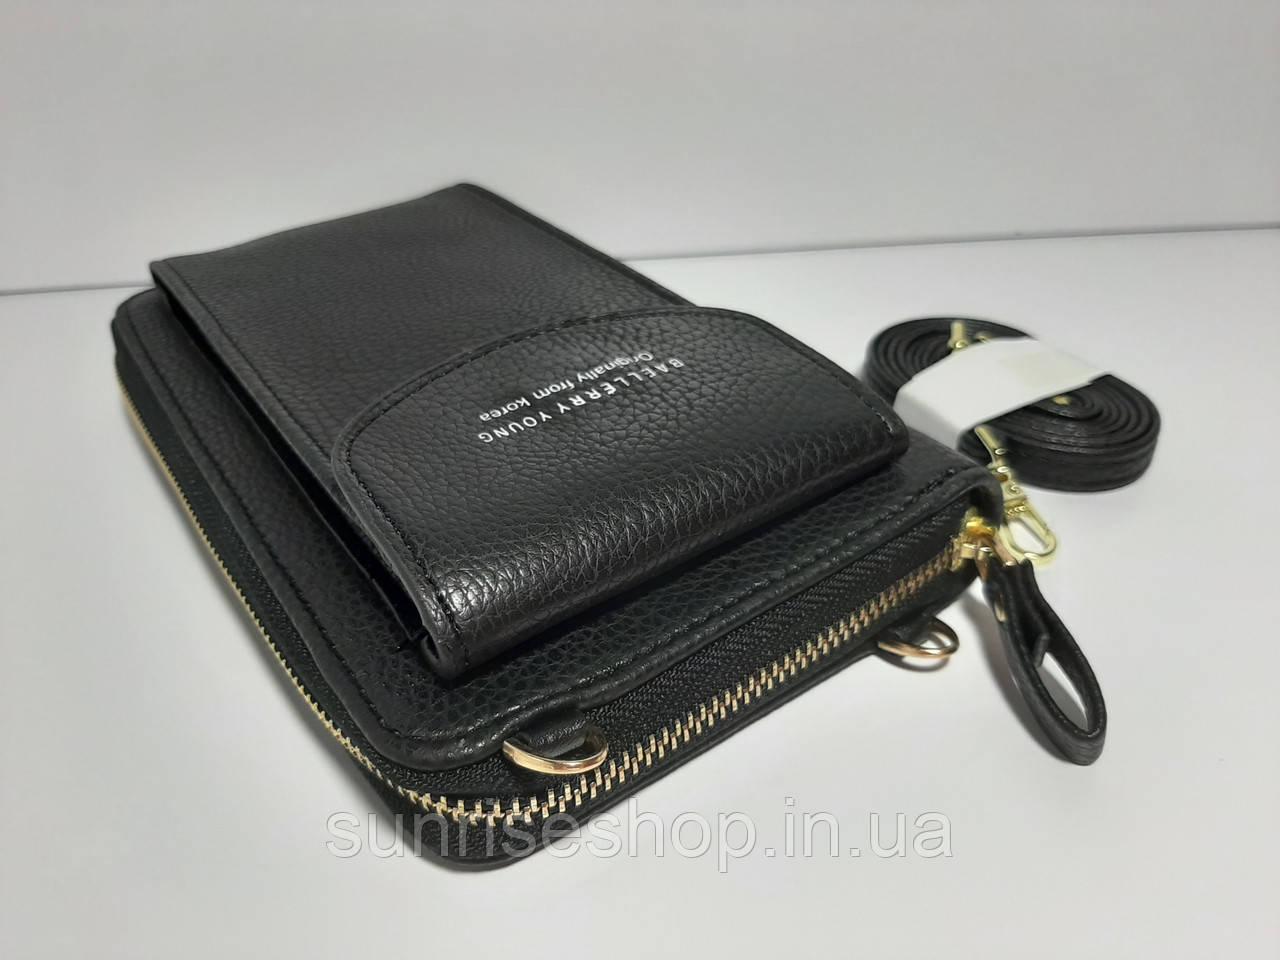 Женская сумка через плечо для телефона оптом